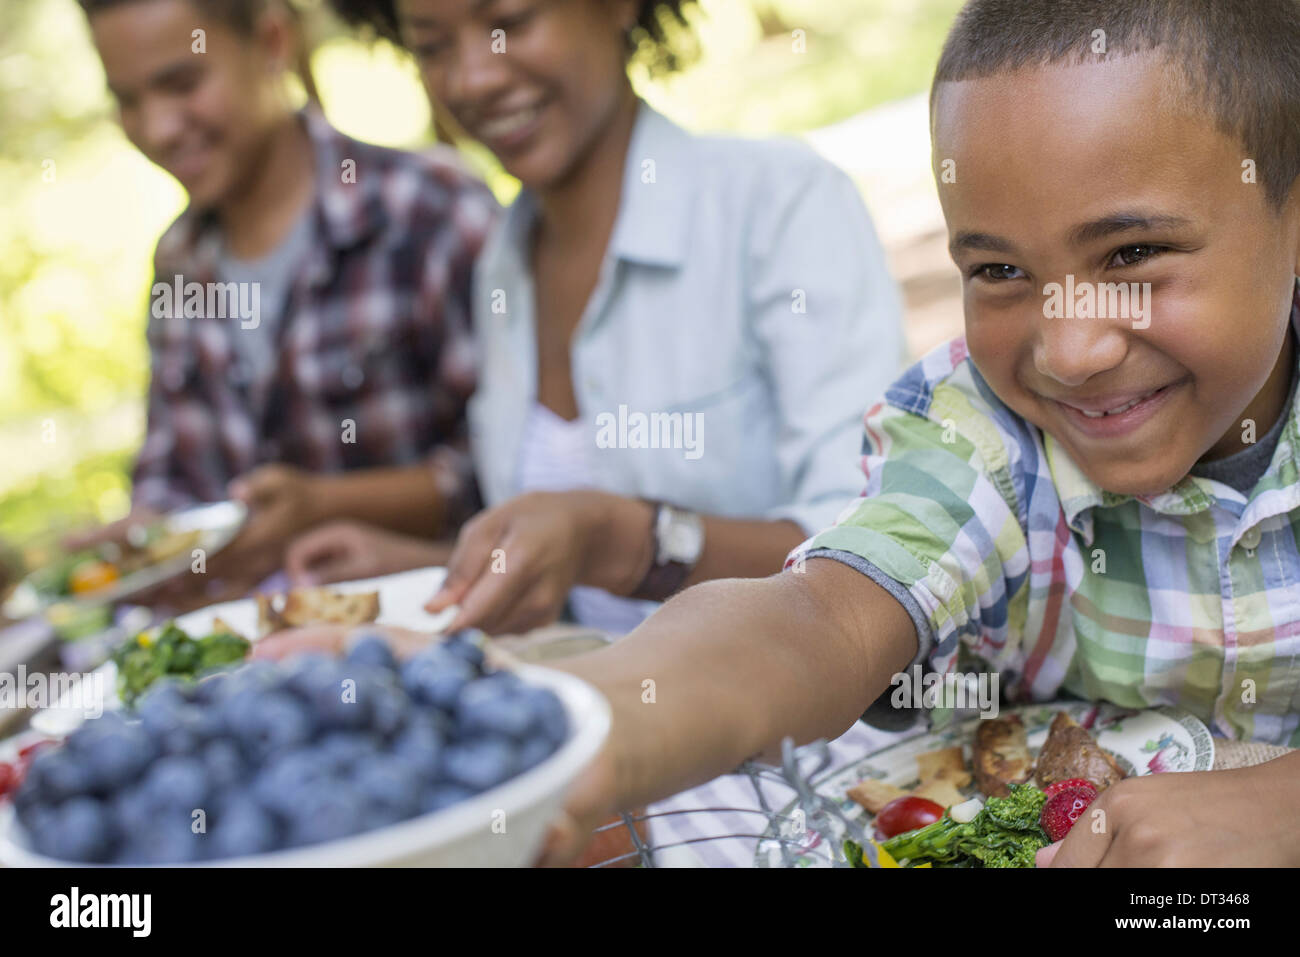 Una familia de picnic a la sombra de un bosque de adultos y niños sentados en una mesa Imagen De Stock